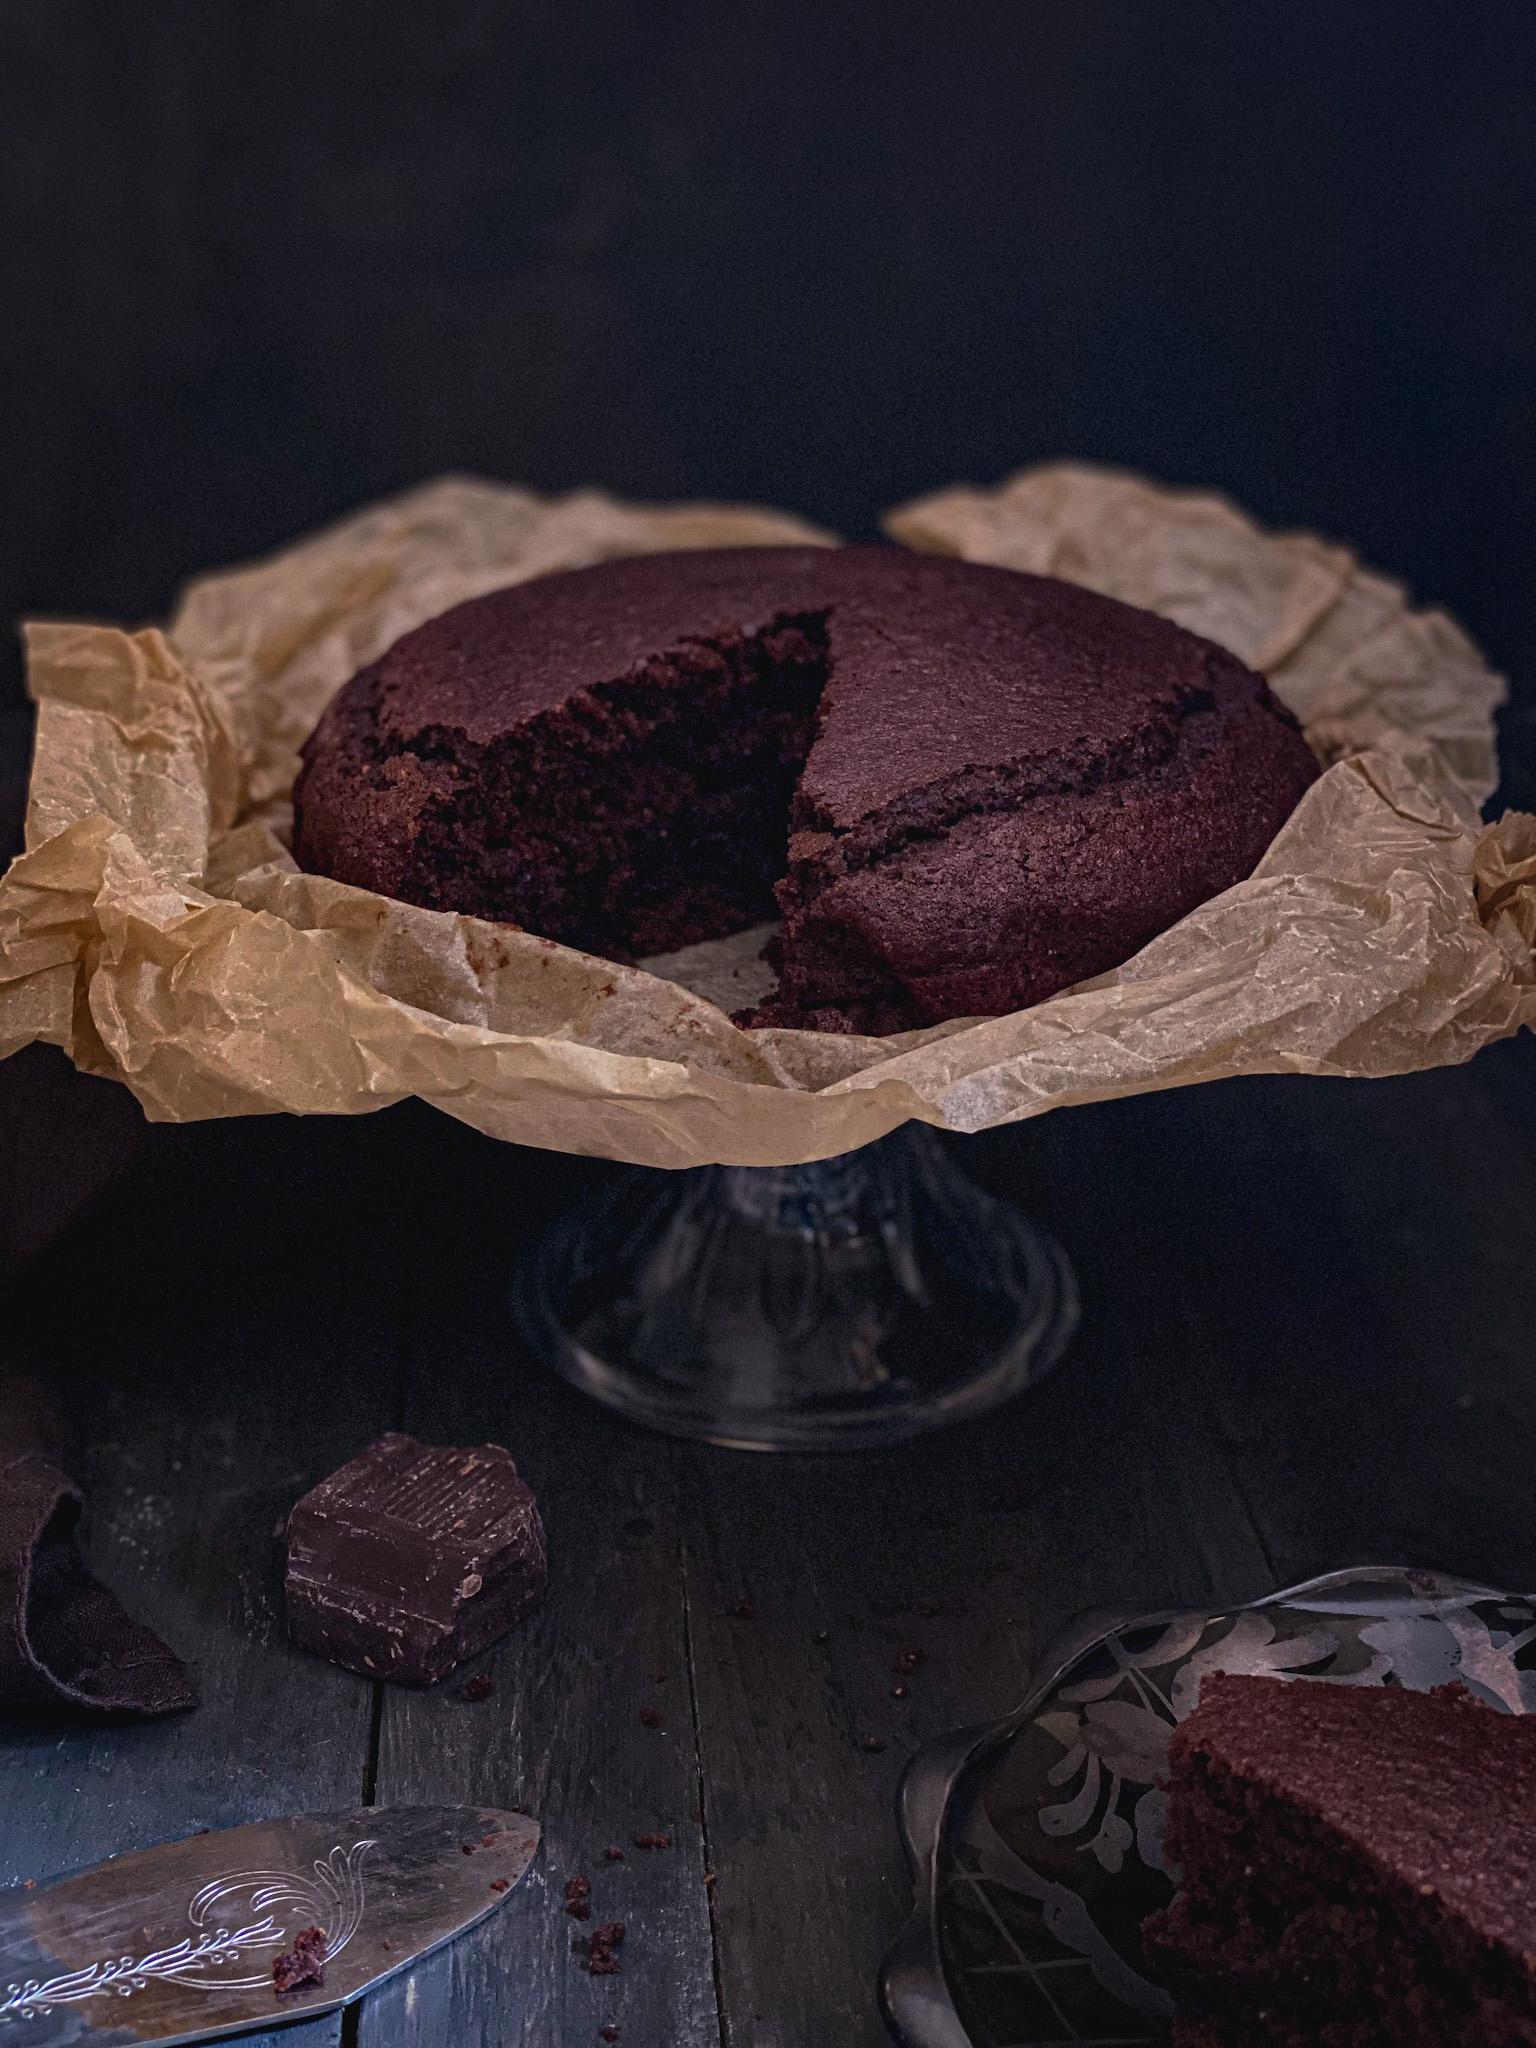 Torta integrale acqua e cioccolato: una leggerissima delizia